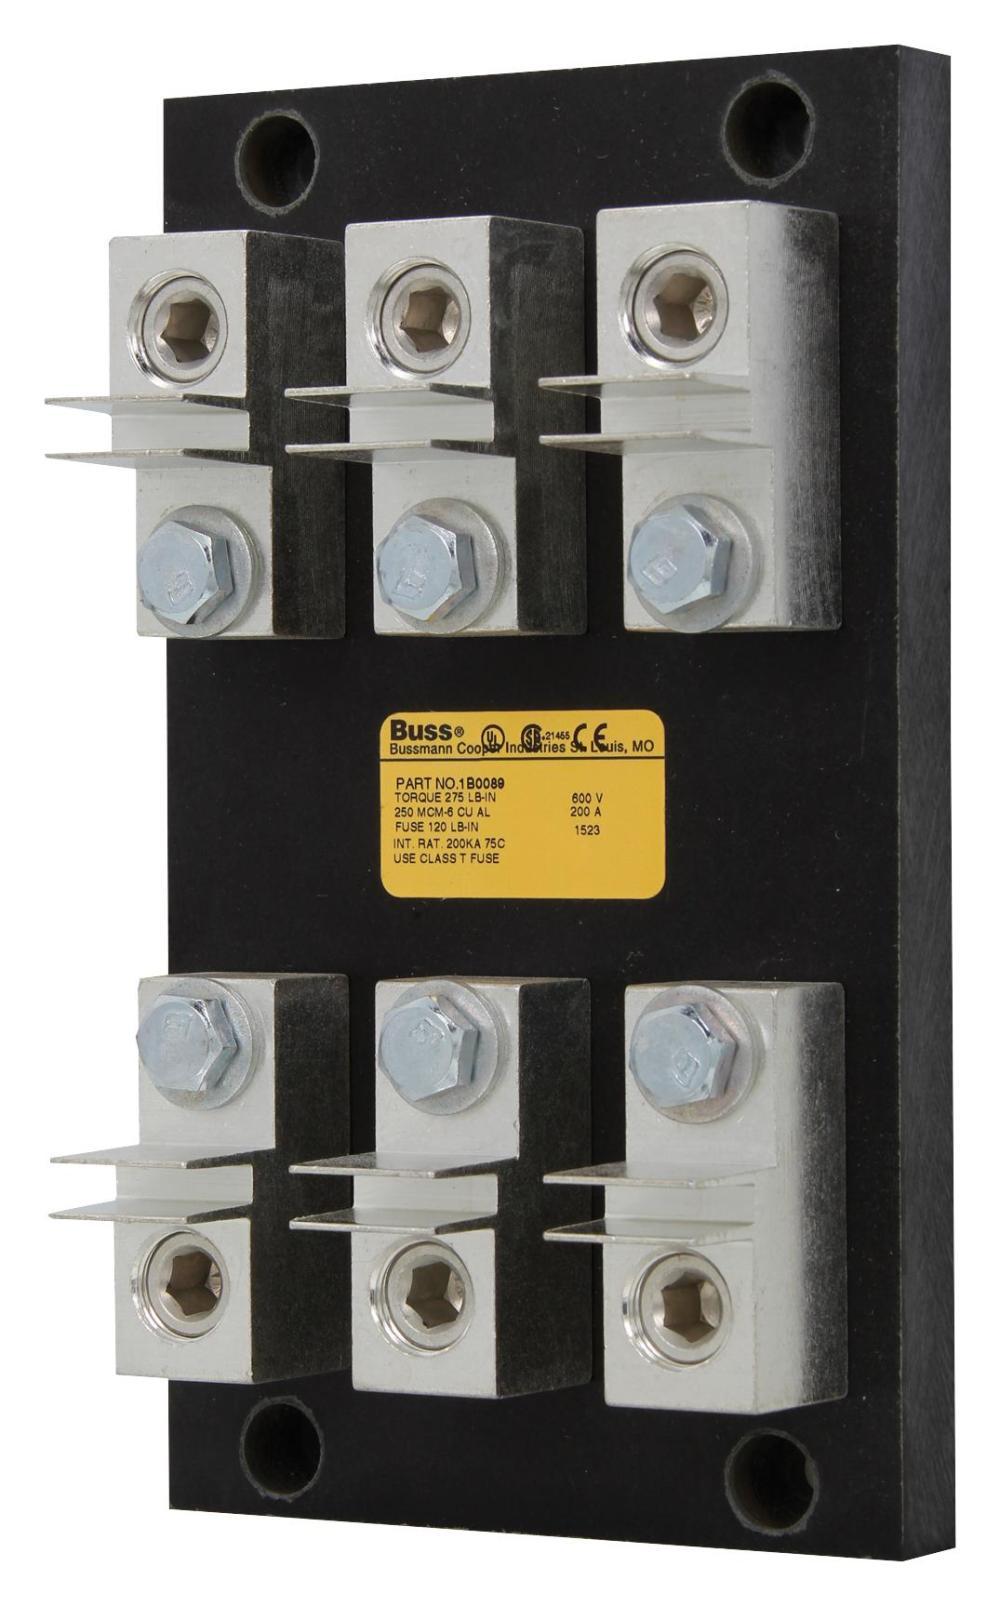 medium resolution of 1b0089 fuseholder fuse block